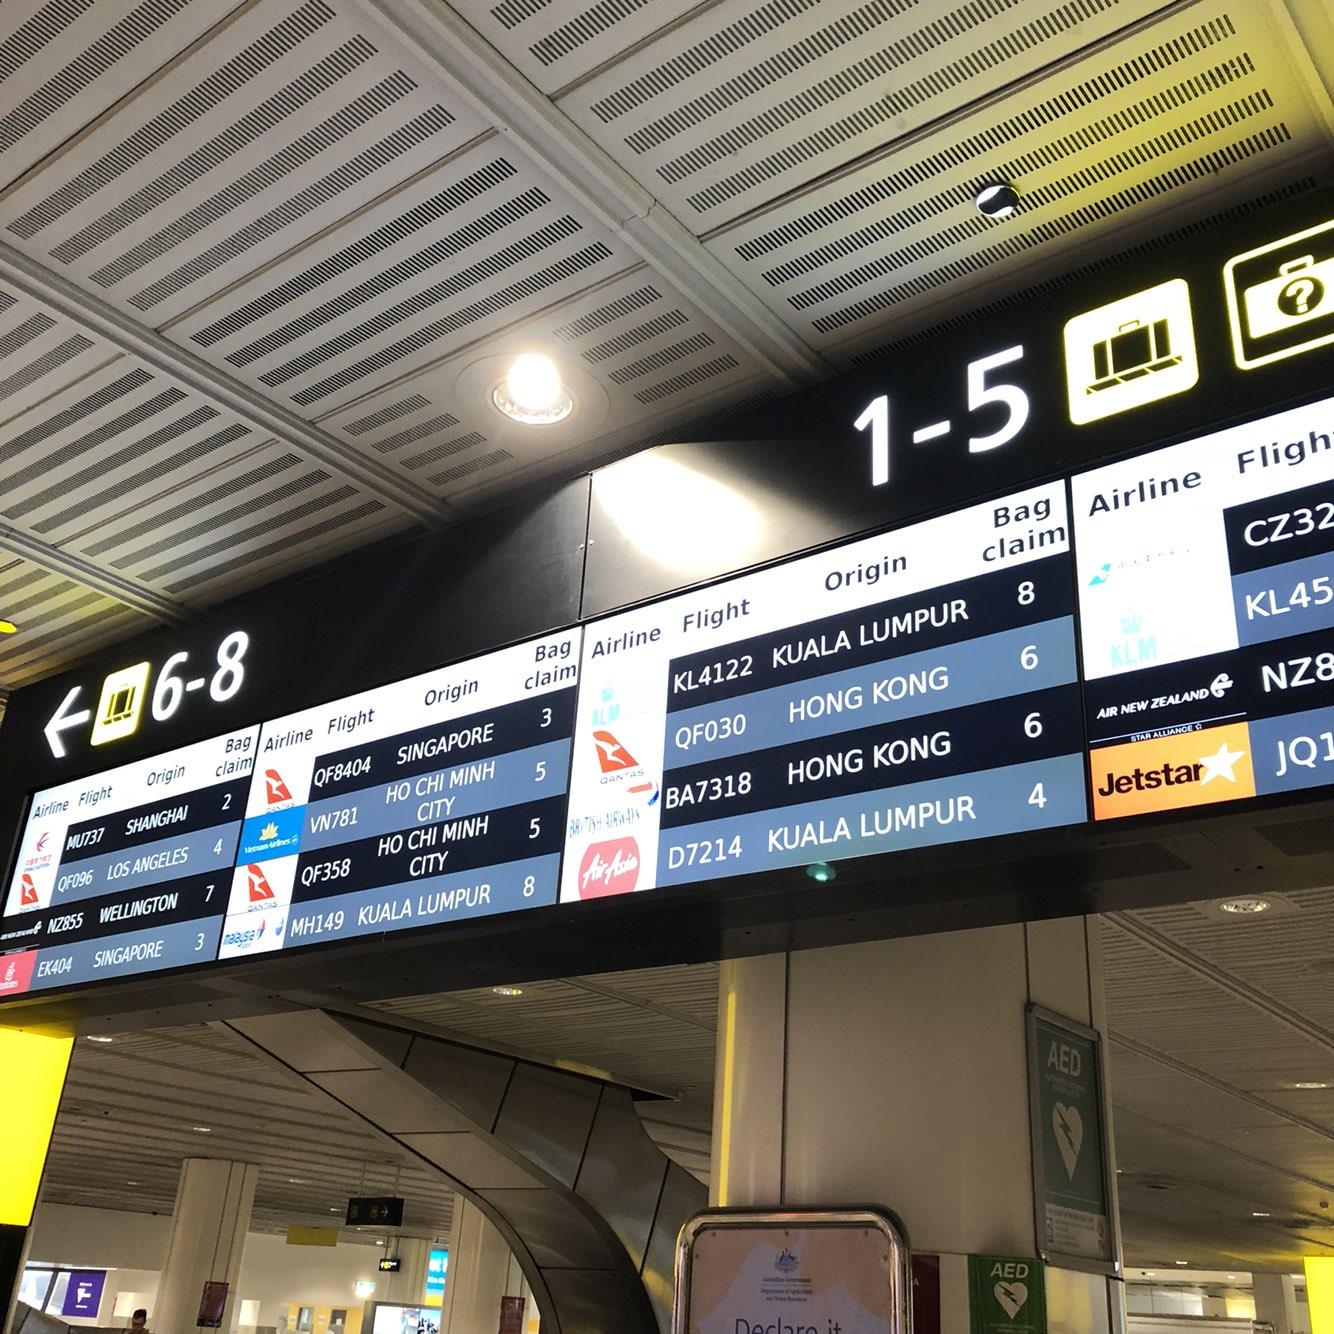 21시간 이후 드디어 호주 도착..